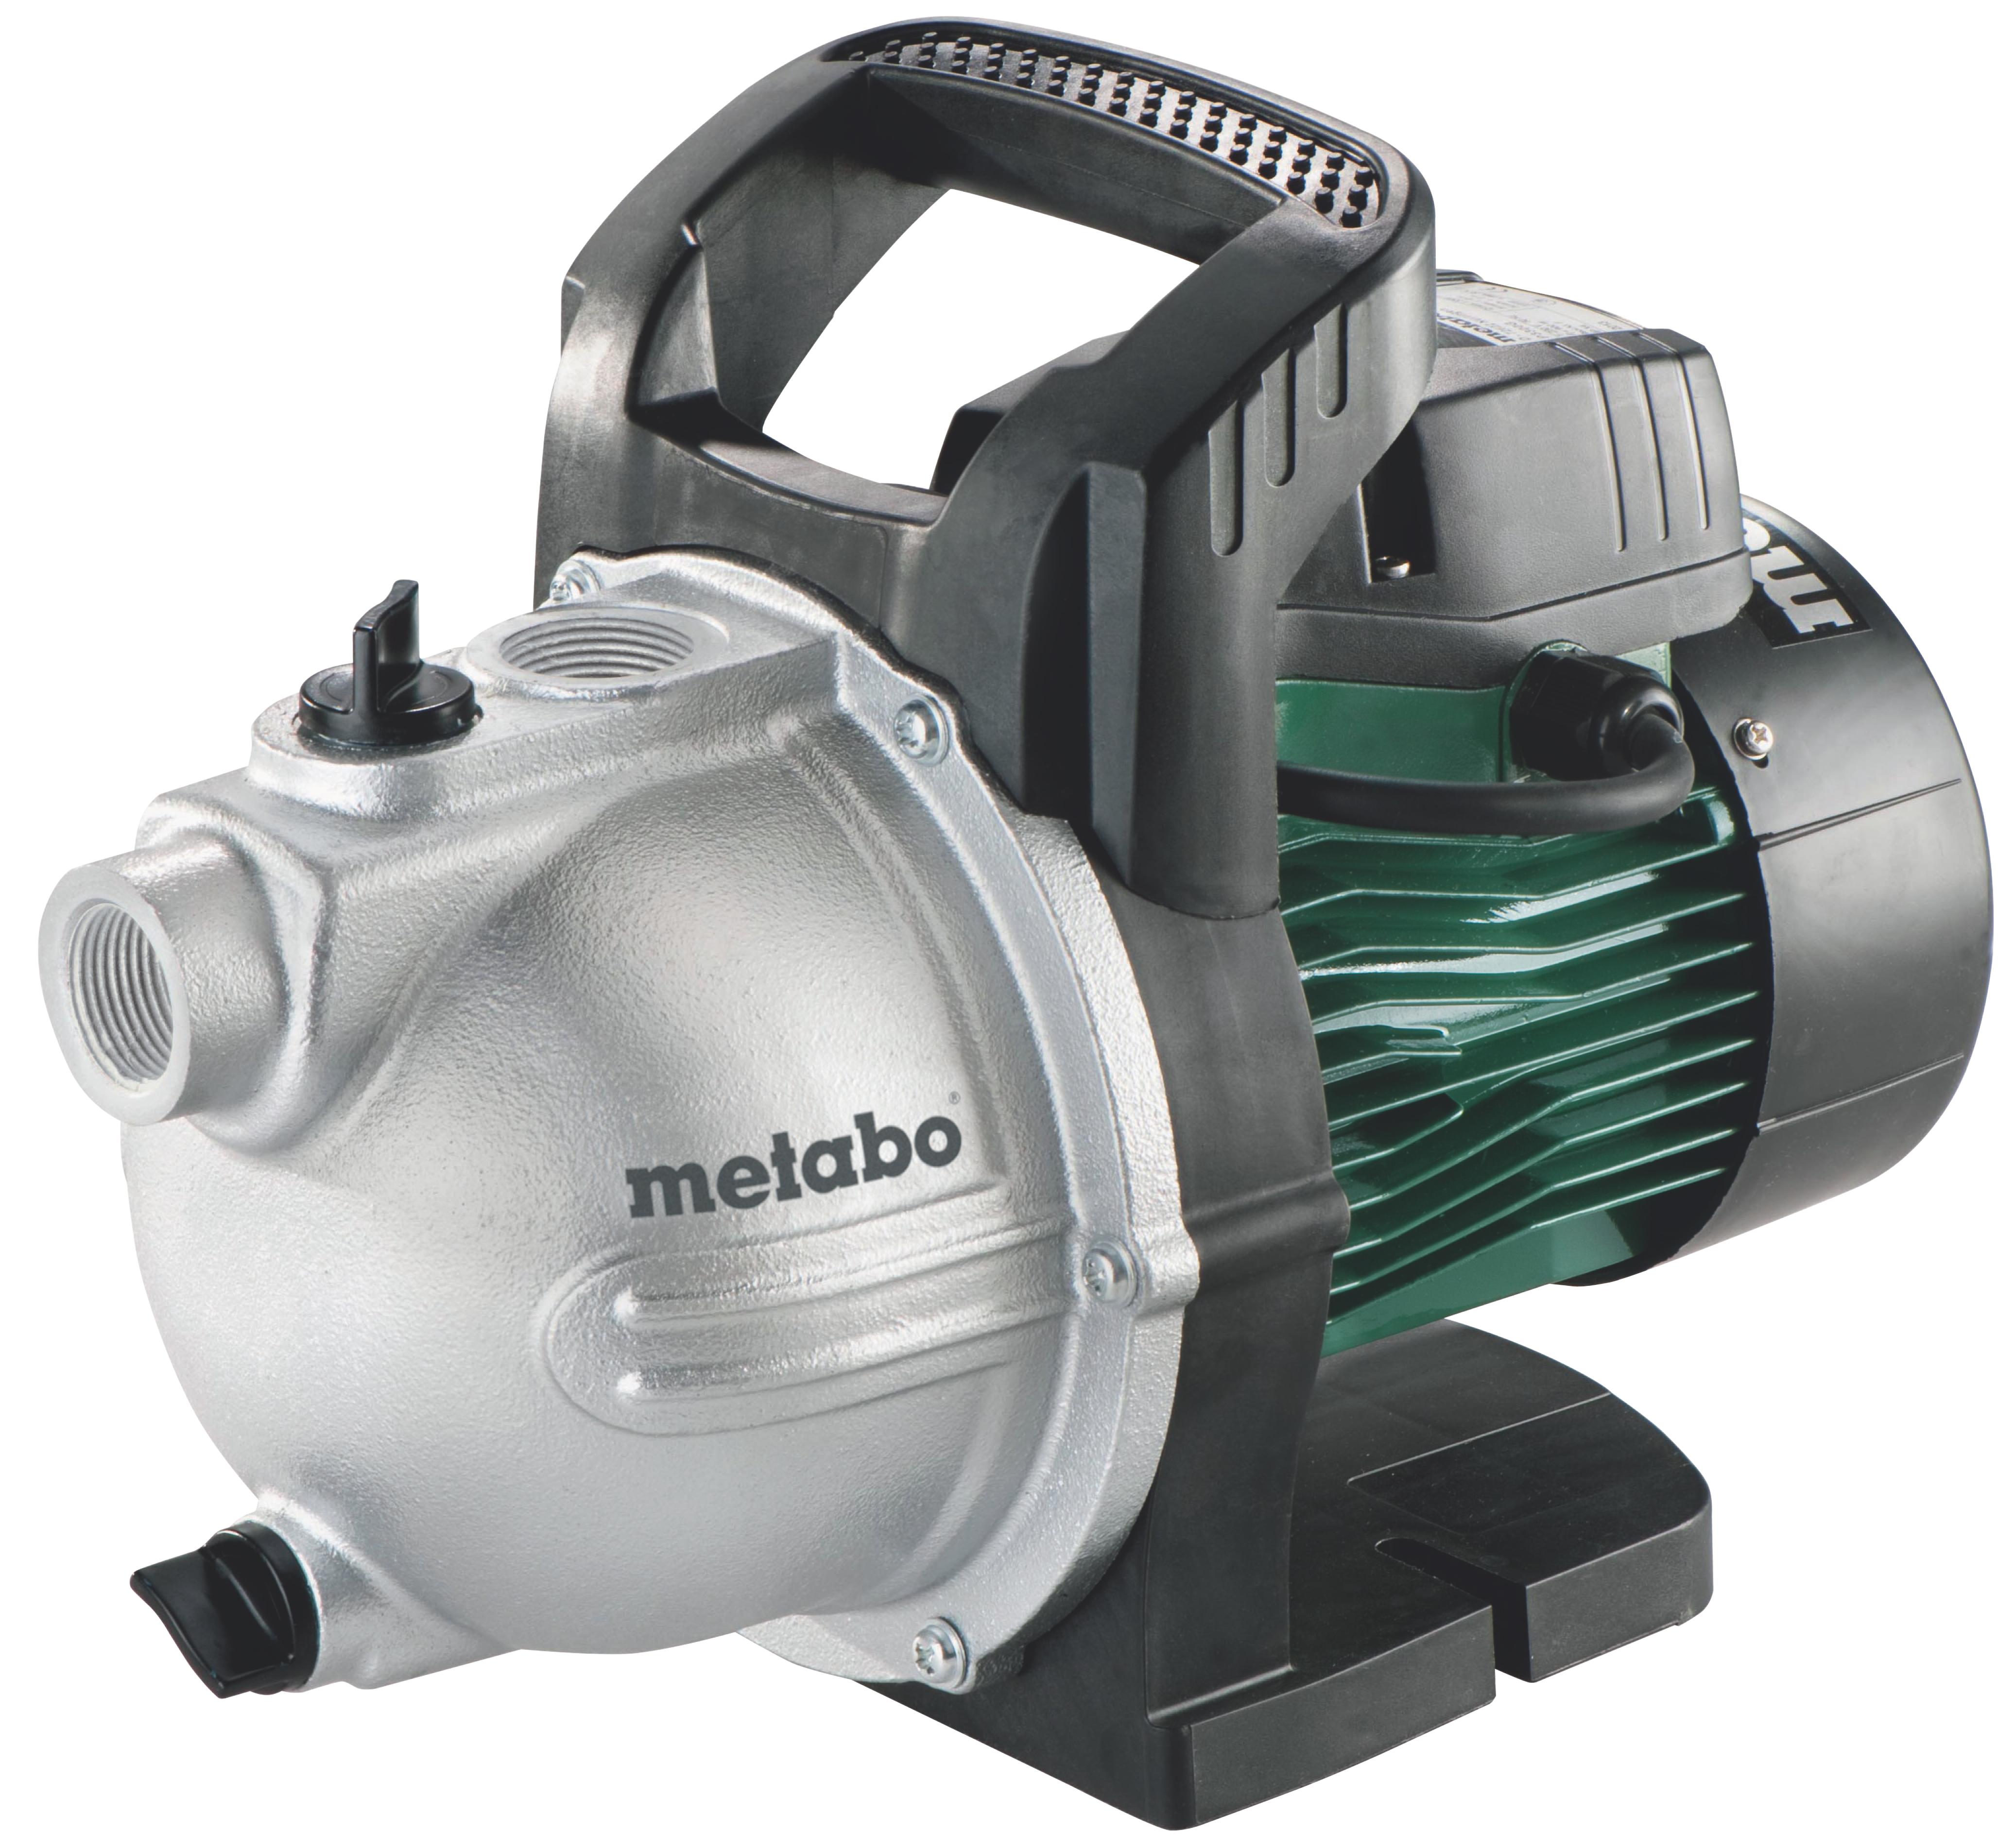 Поверхностный насос Metabo P 3300 G  поверхностный насос metabo p 2000 g